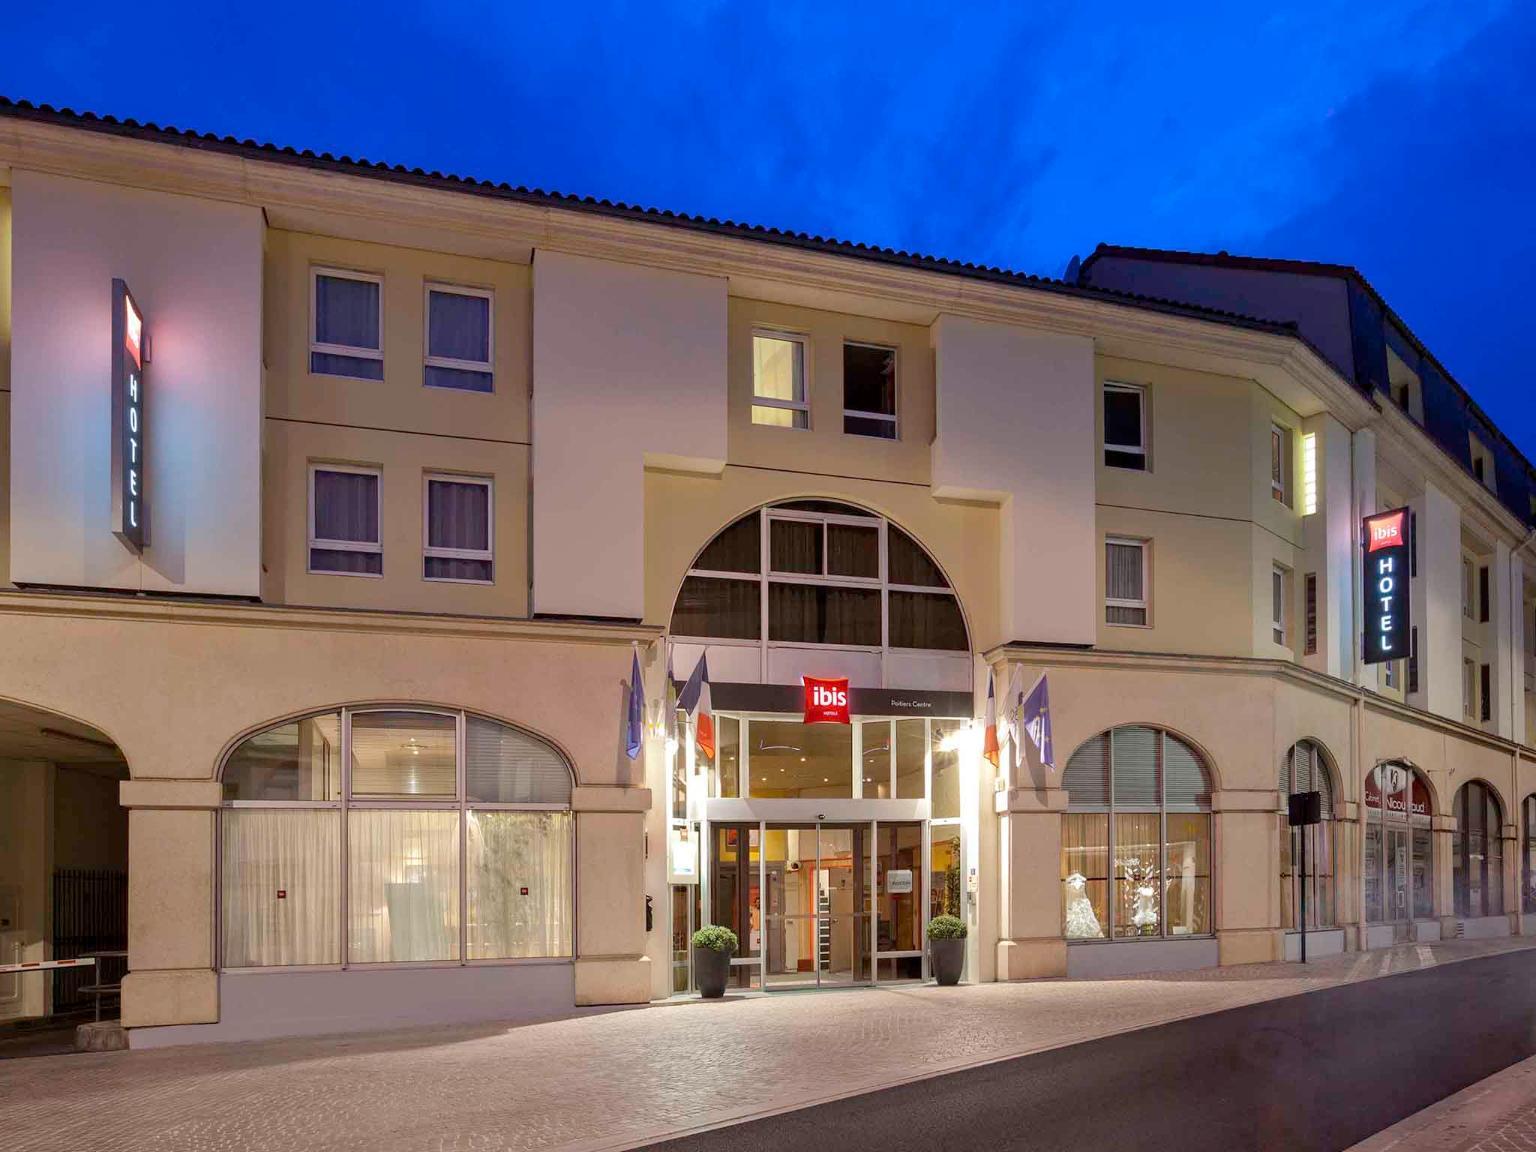 Ibis poitiers centre h tel 15 rue du petit bonneveau for Horaire piscine poitiers